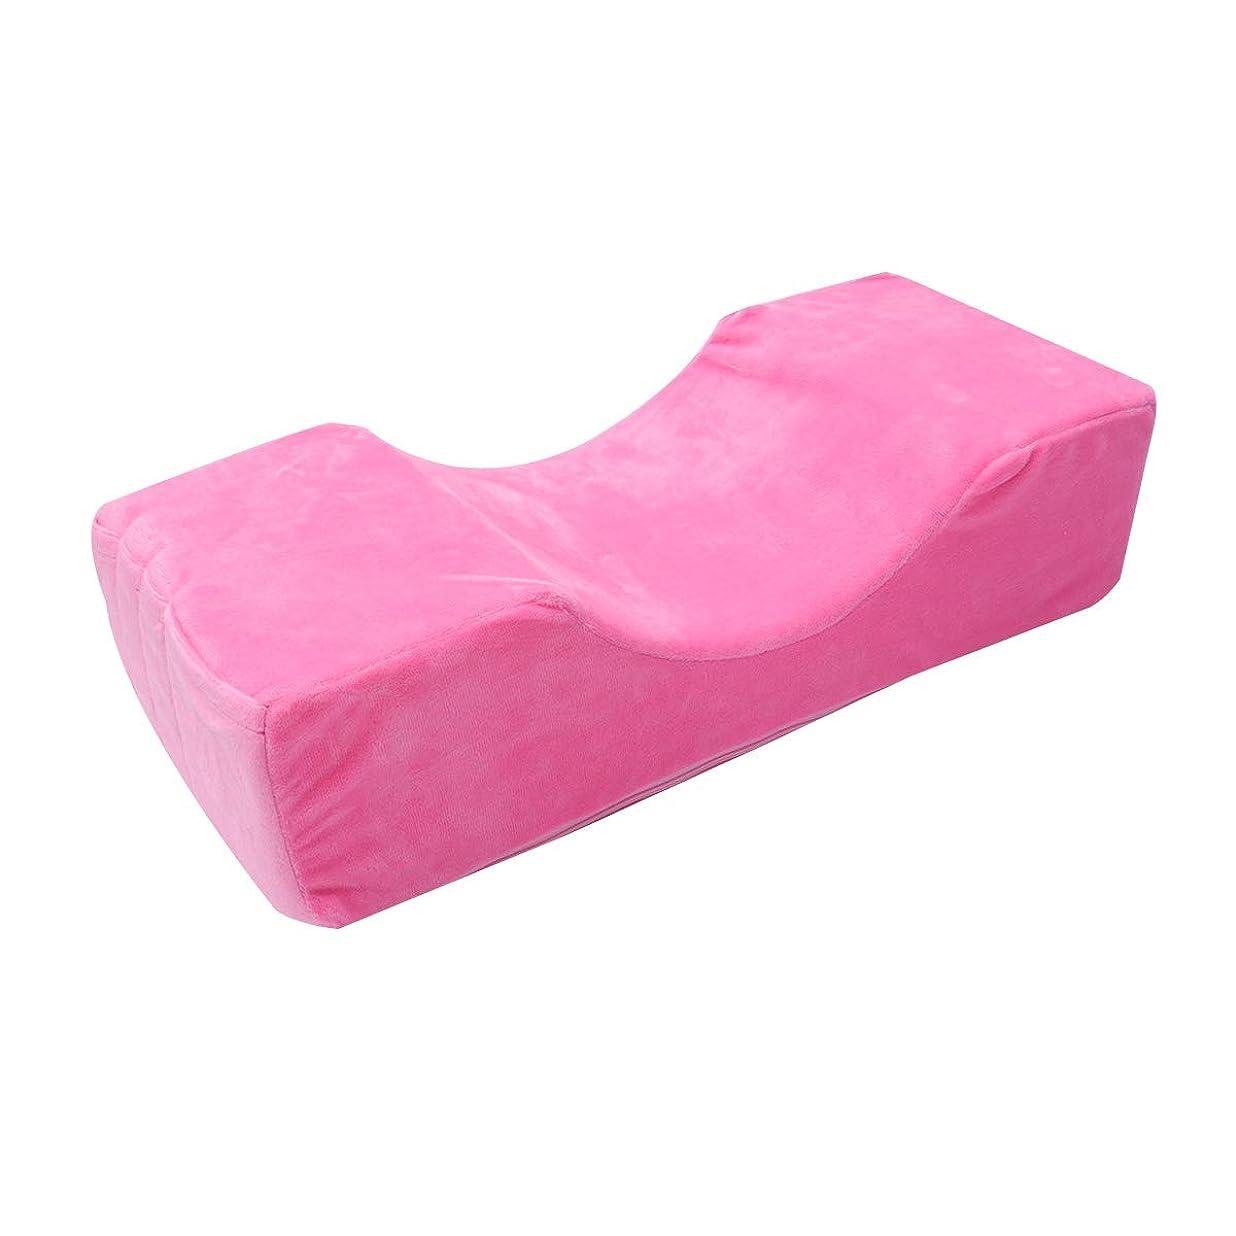 無駄若者フェローシップHealifty 接木まつ毛エクステンションピローメモリーカーブエステサロンピロー(ピンク)